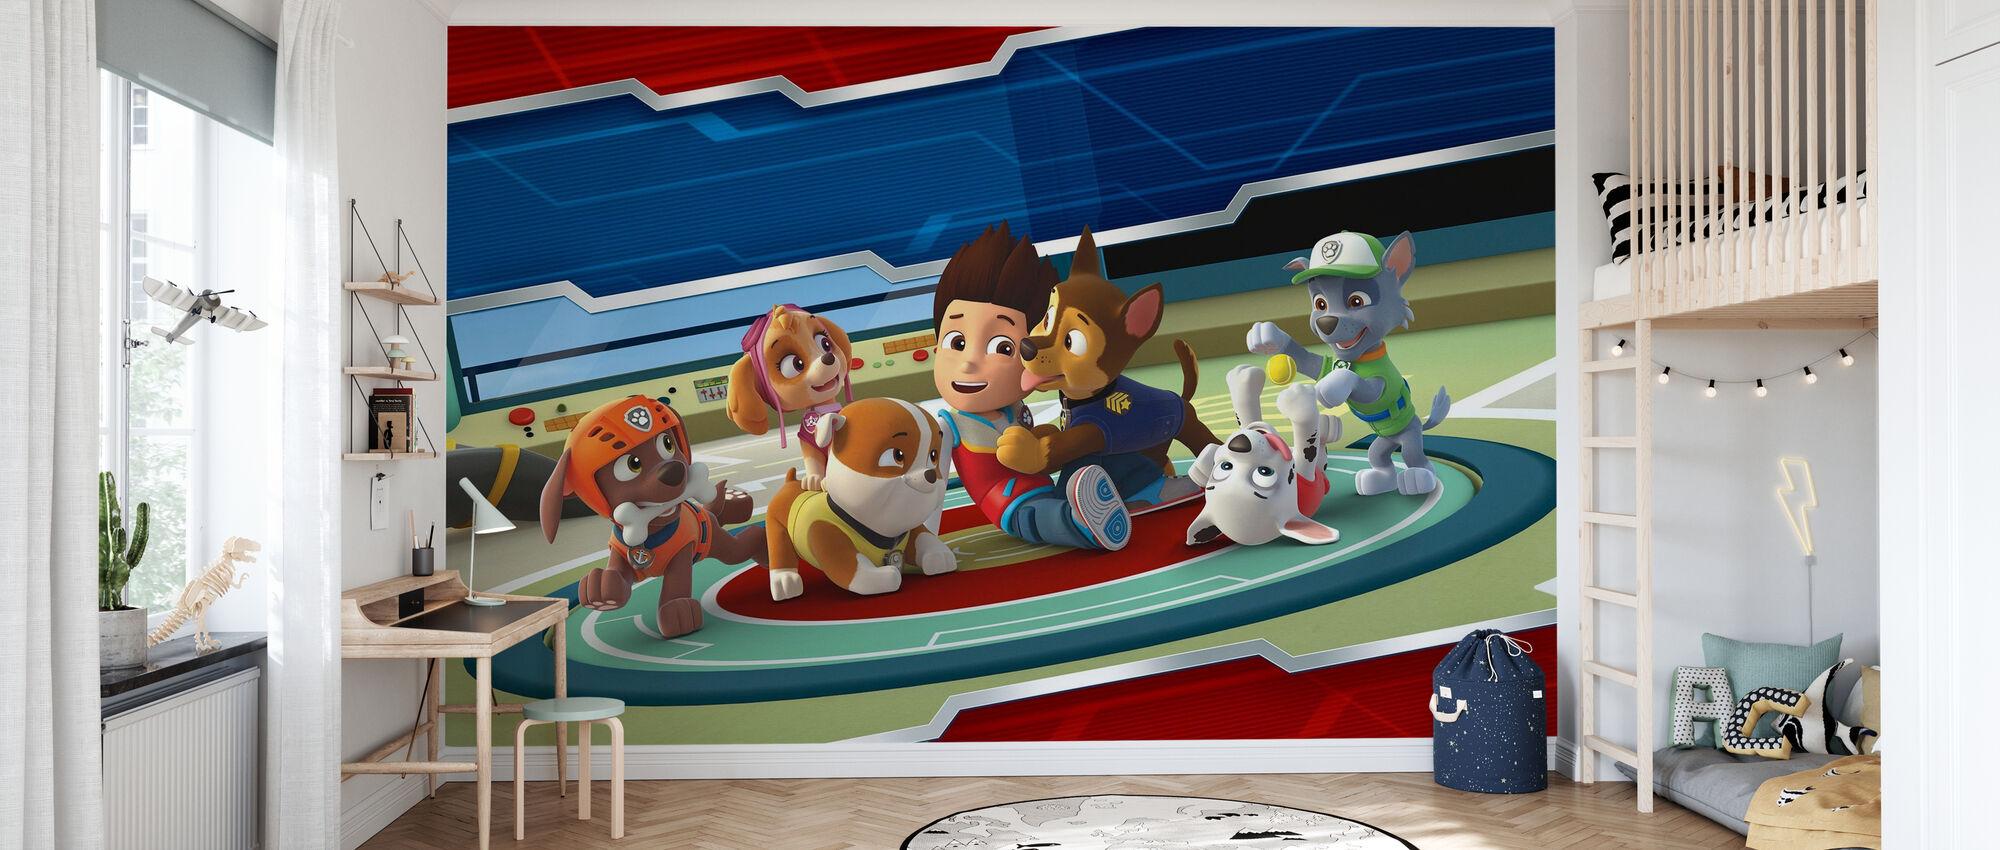 PAW Patrol - Alle Pfoten auf Deck - Tapete - Kinderzimmer